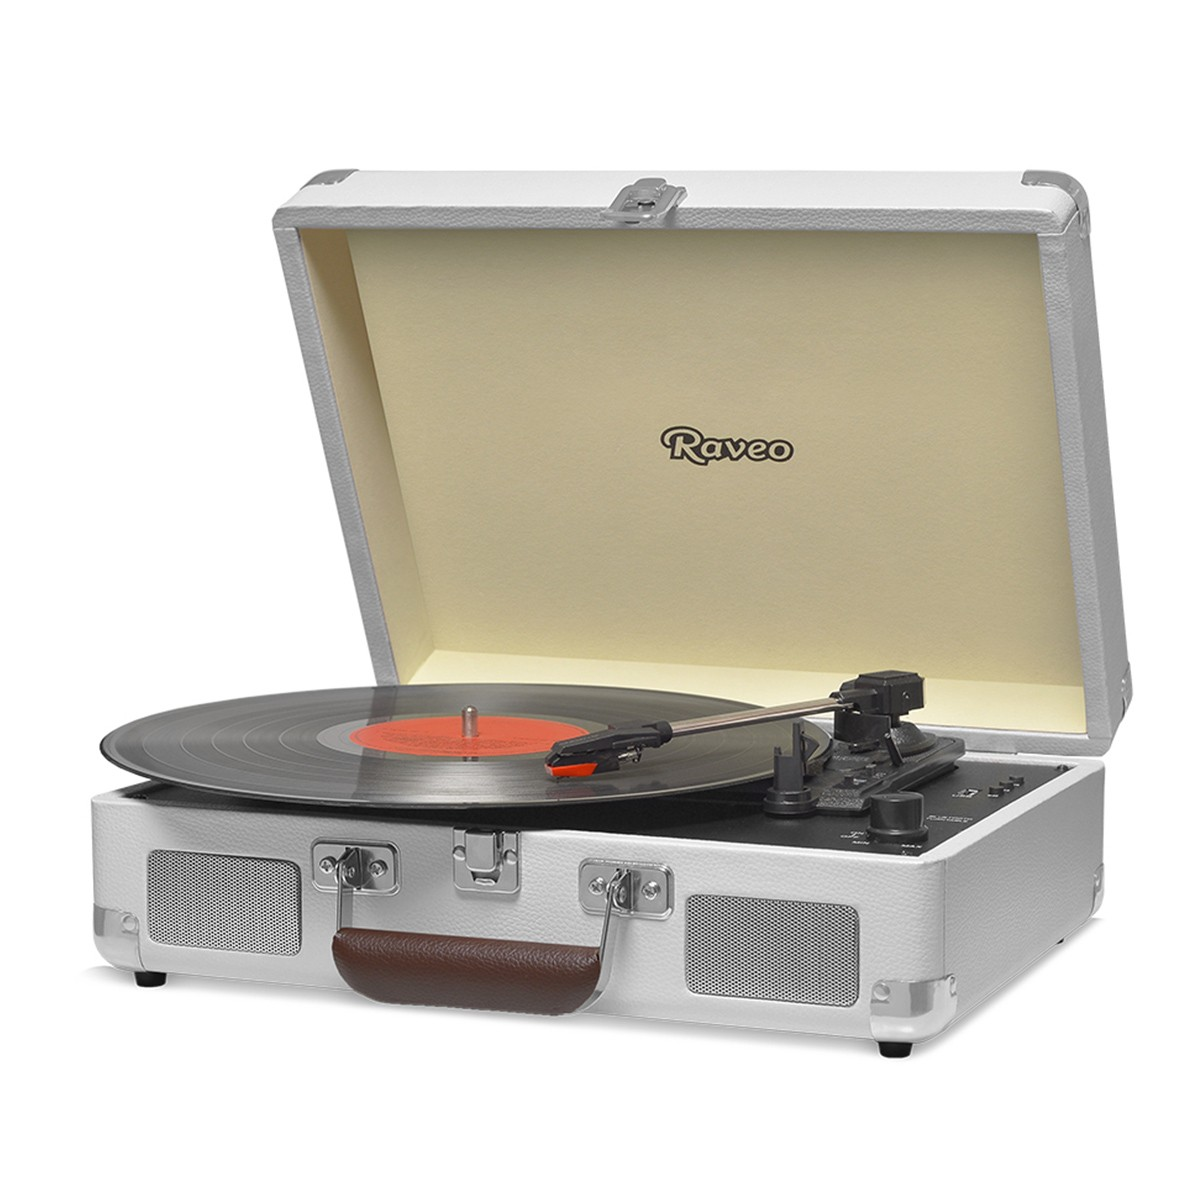 Vitrola Retrô Raveo Sonetto Chrome Sand, Toca Discos, Entrada USB, Bluetooth, Reproduz e Grava Vinil